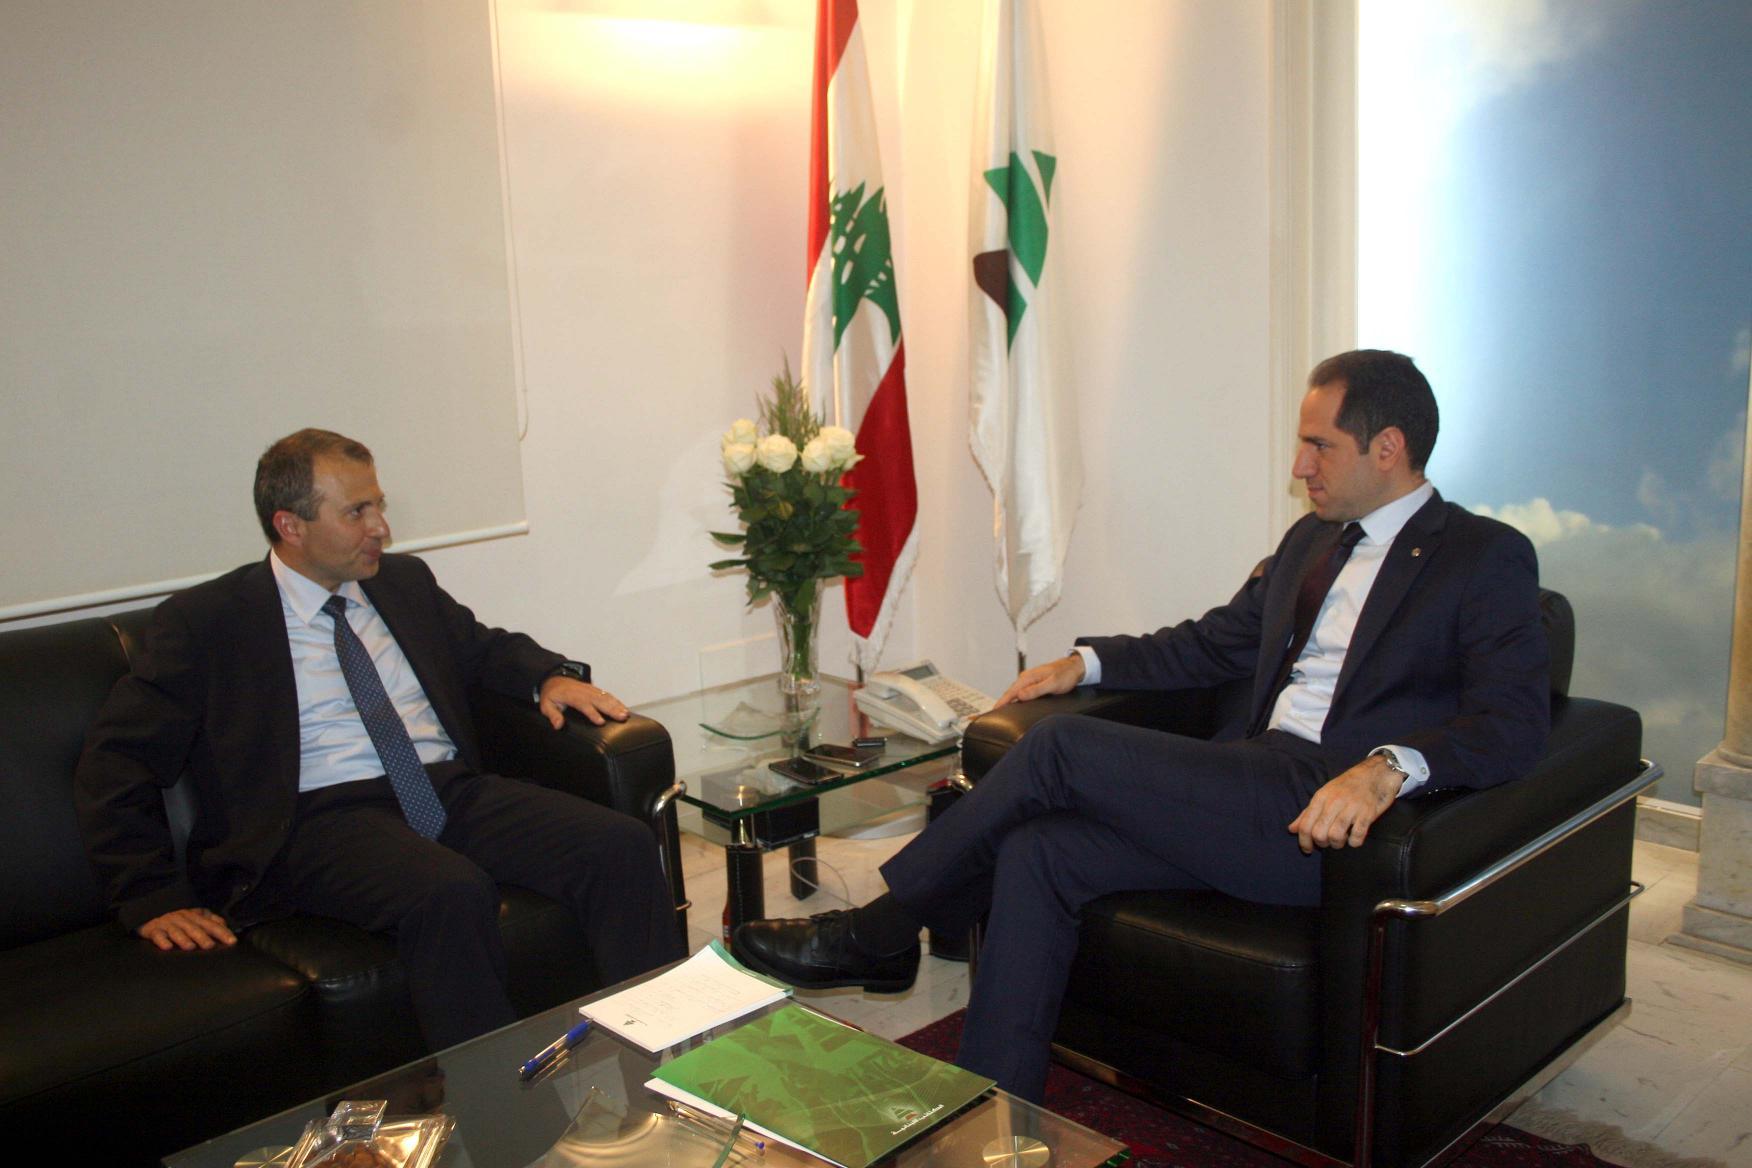 زعماء لبنان الجدد يسعون إلى تعزيز قبضتهم على السلطة